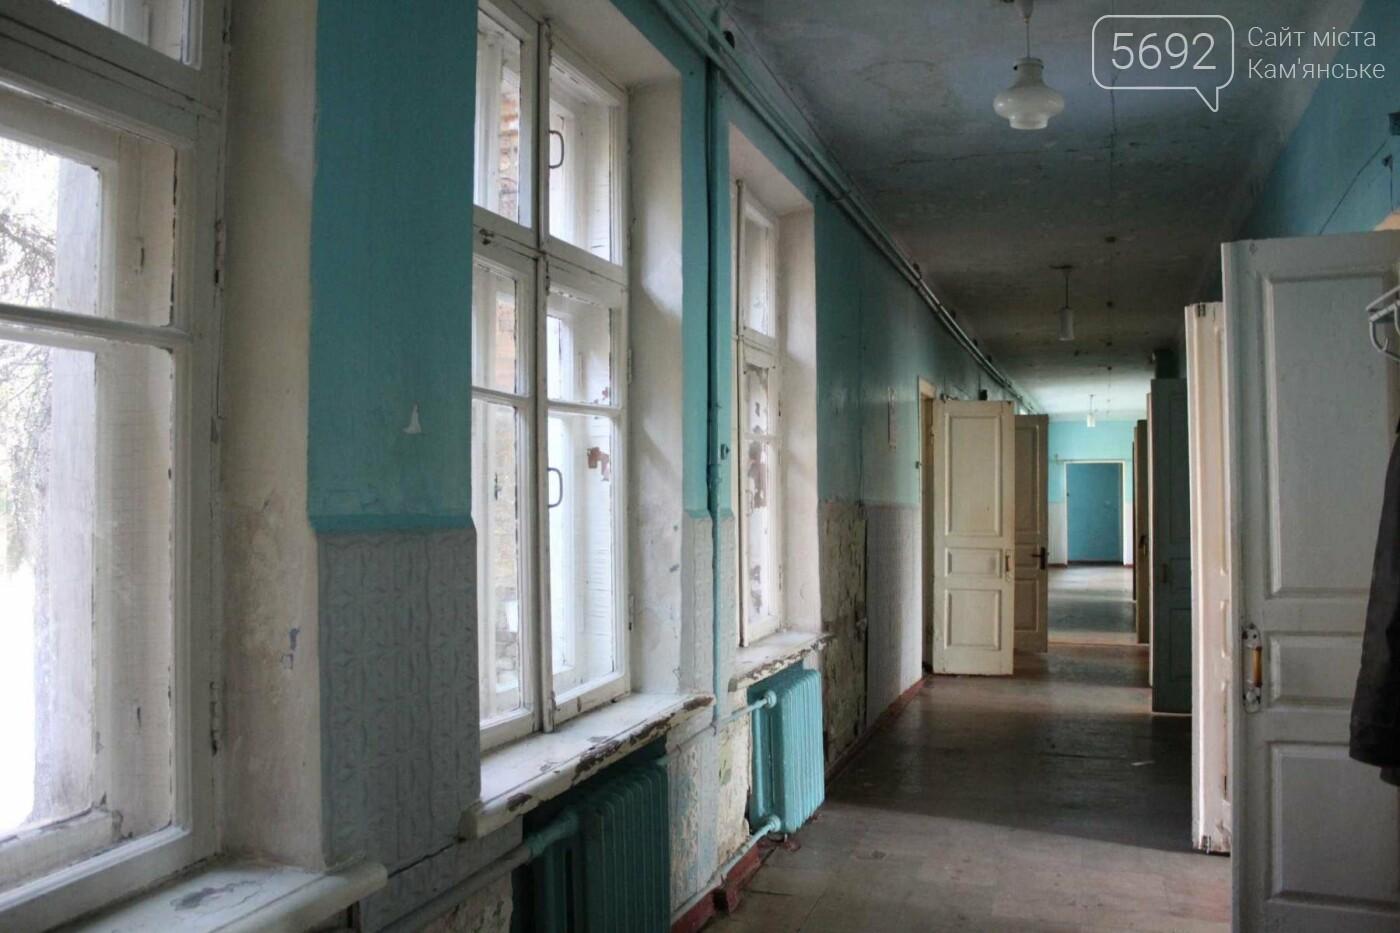 Каменской кабинет обслуживания ВИЧ-позитивных сменил адрес, фото-1